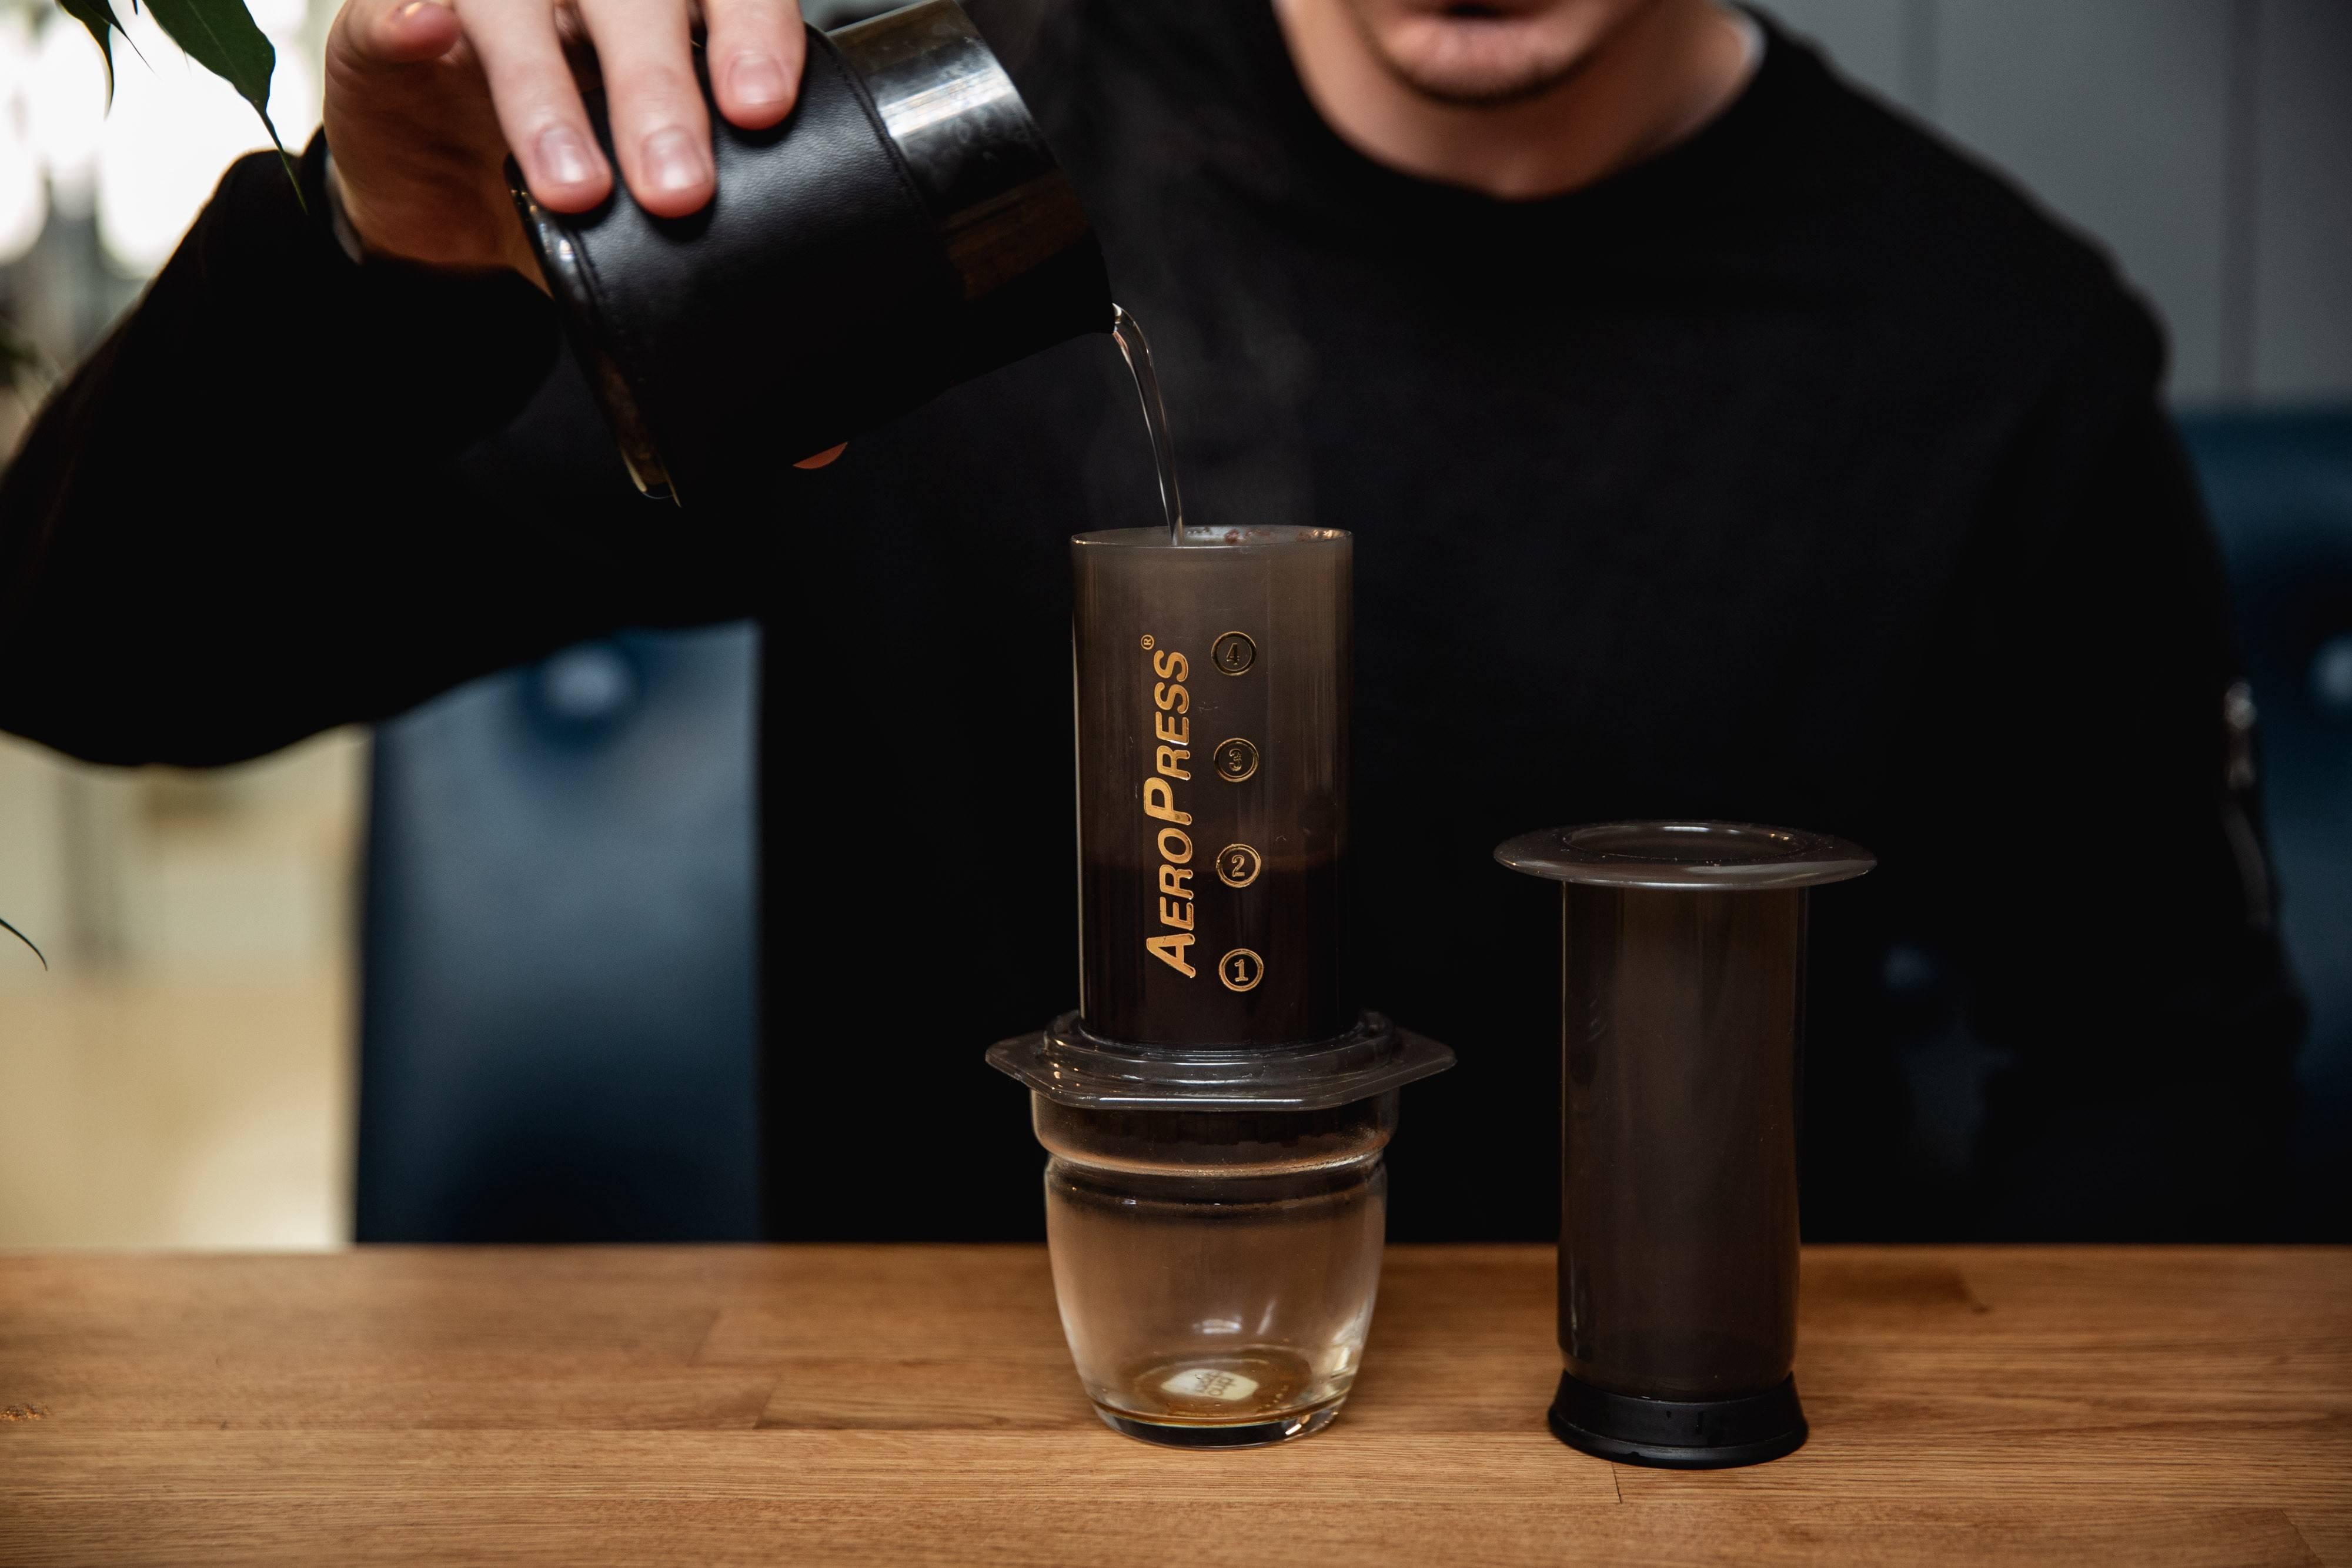 Аэропресс: преимущества и недостатки, пошаговая инструкция приготовления кофе   by kava pro